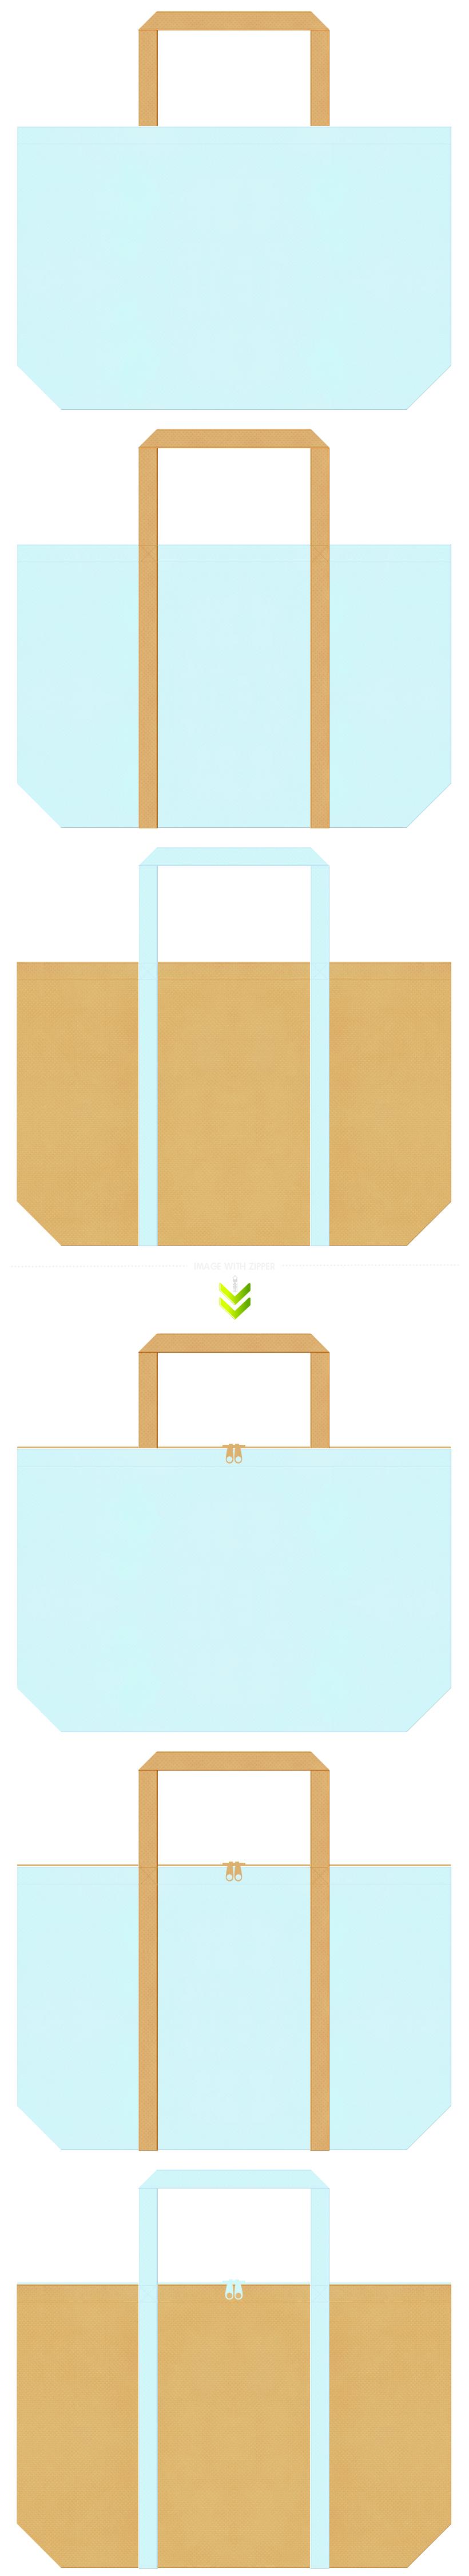 水色と薄黄土色の不織布エコバッグのデザイン。ガーリーなイメージにお奨めです。